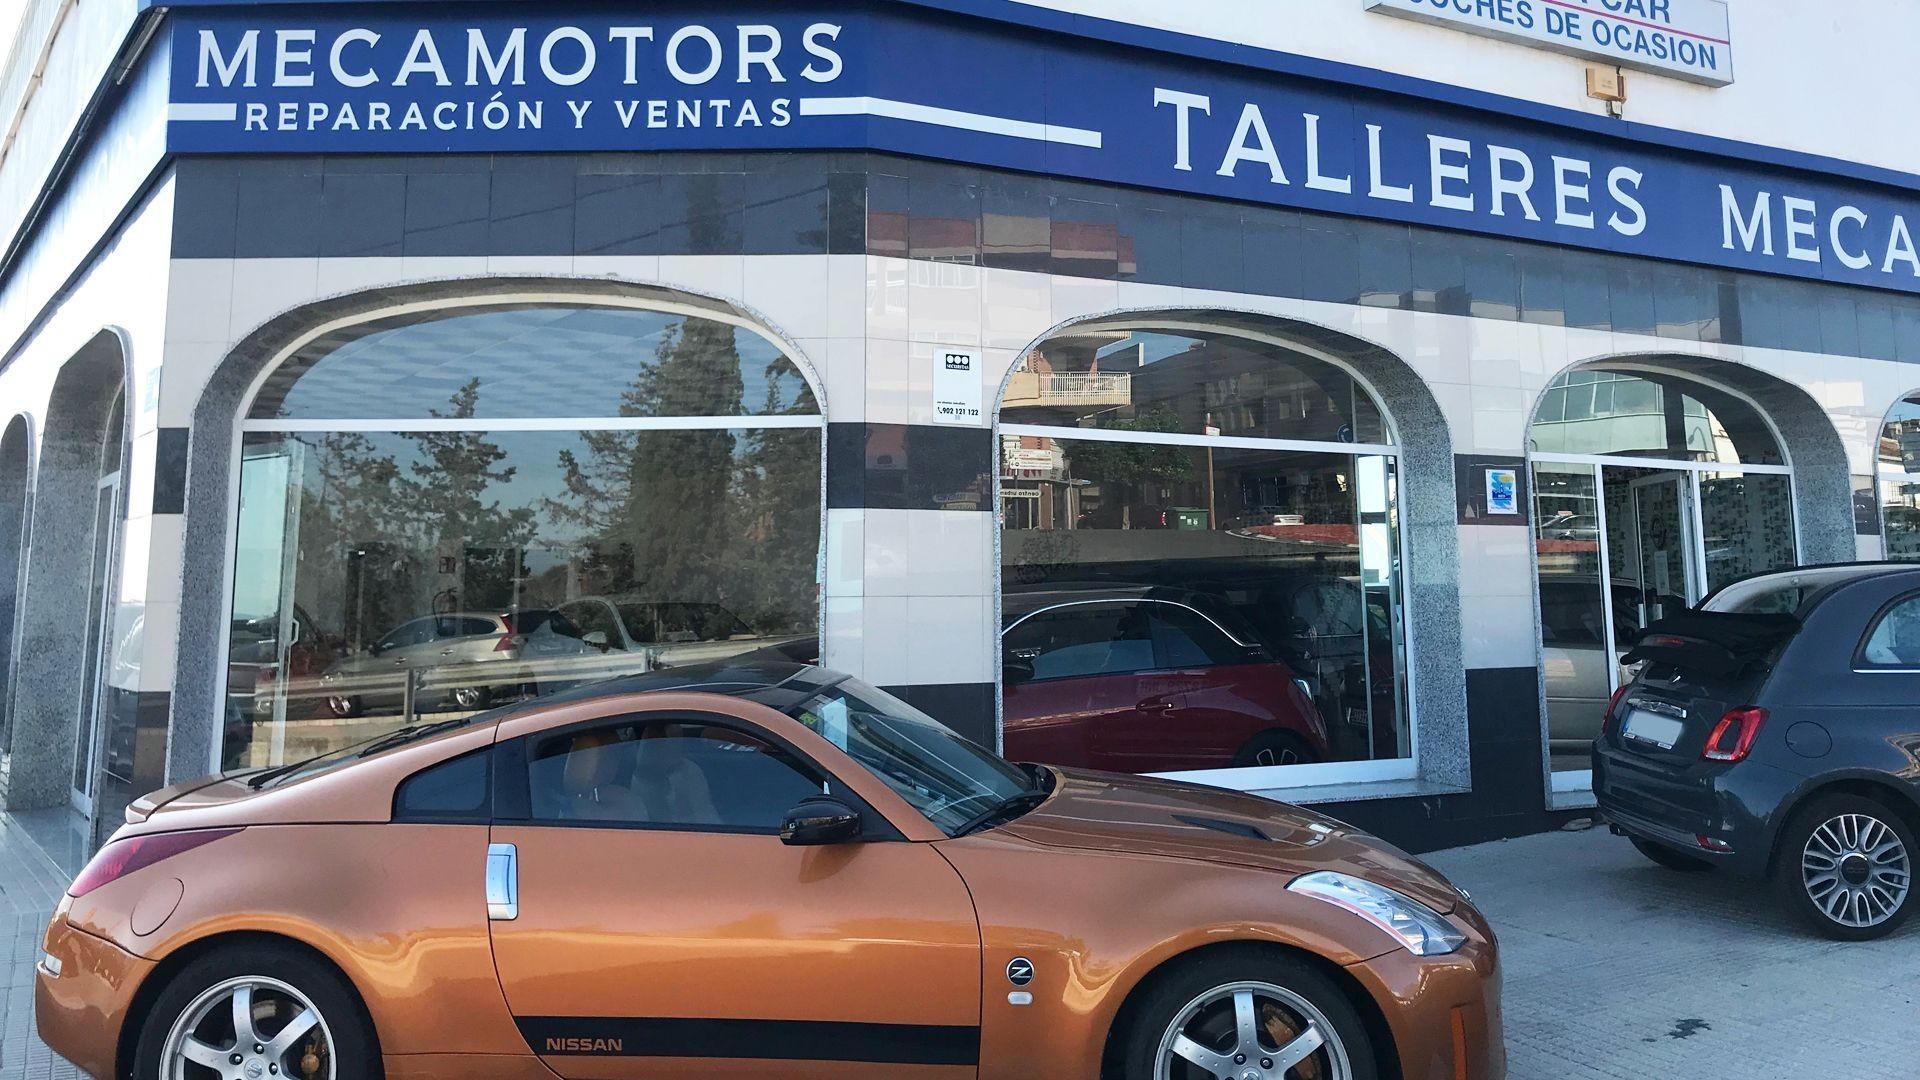 Taller del automóvil Alicante